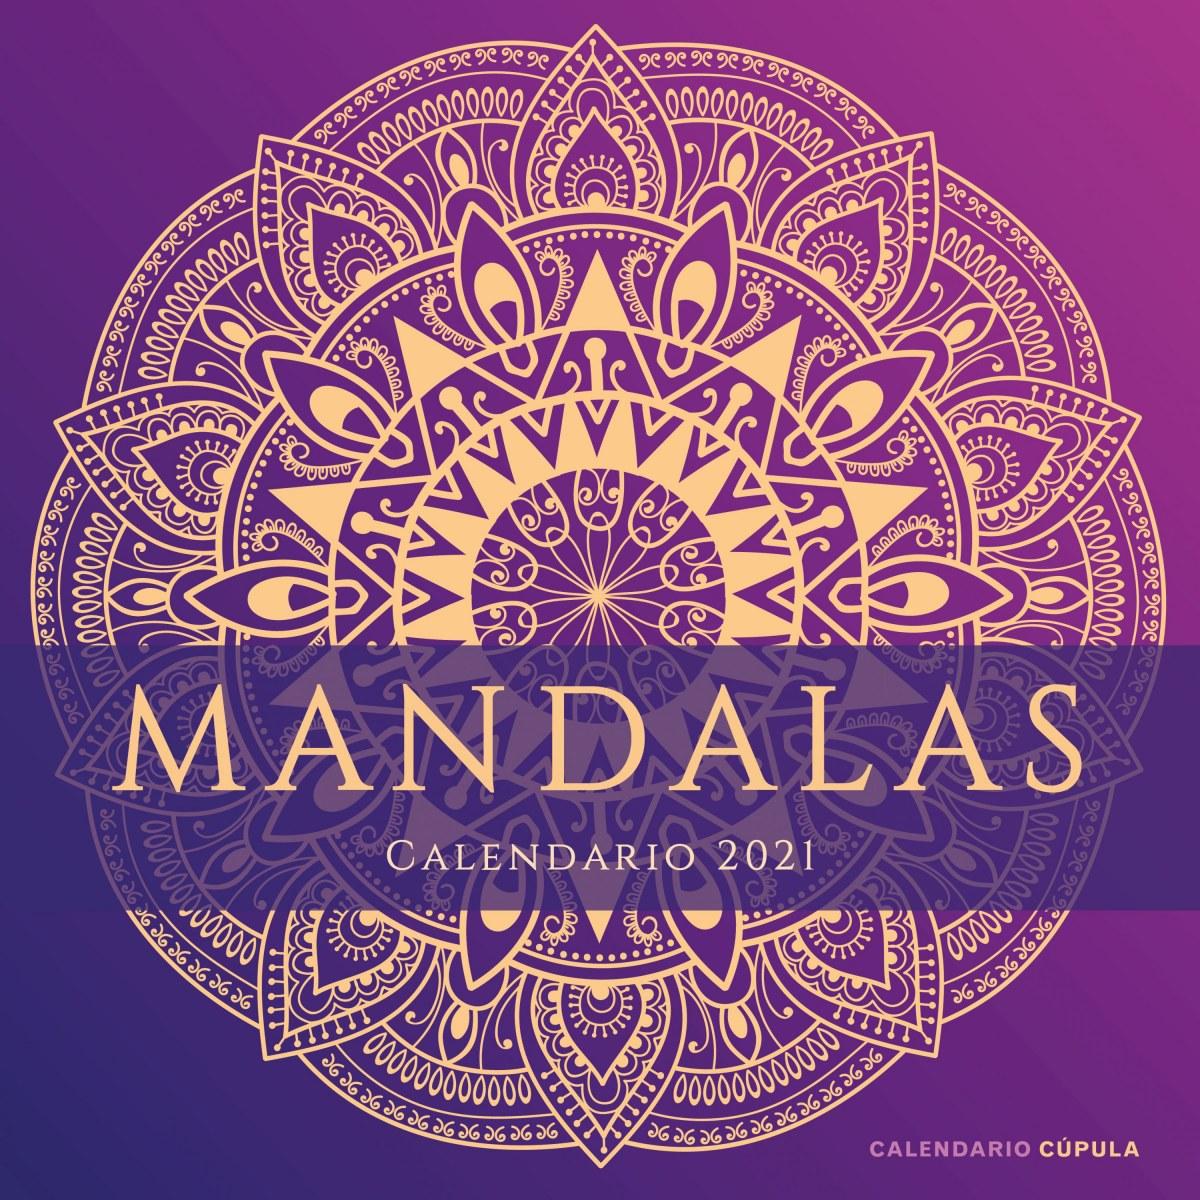 Calendario Mandalas 2021